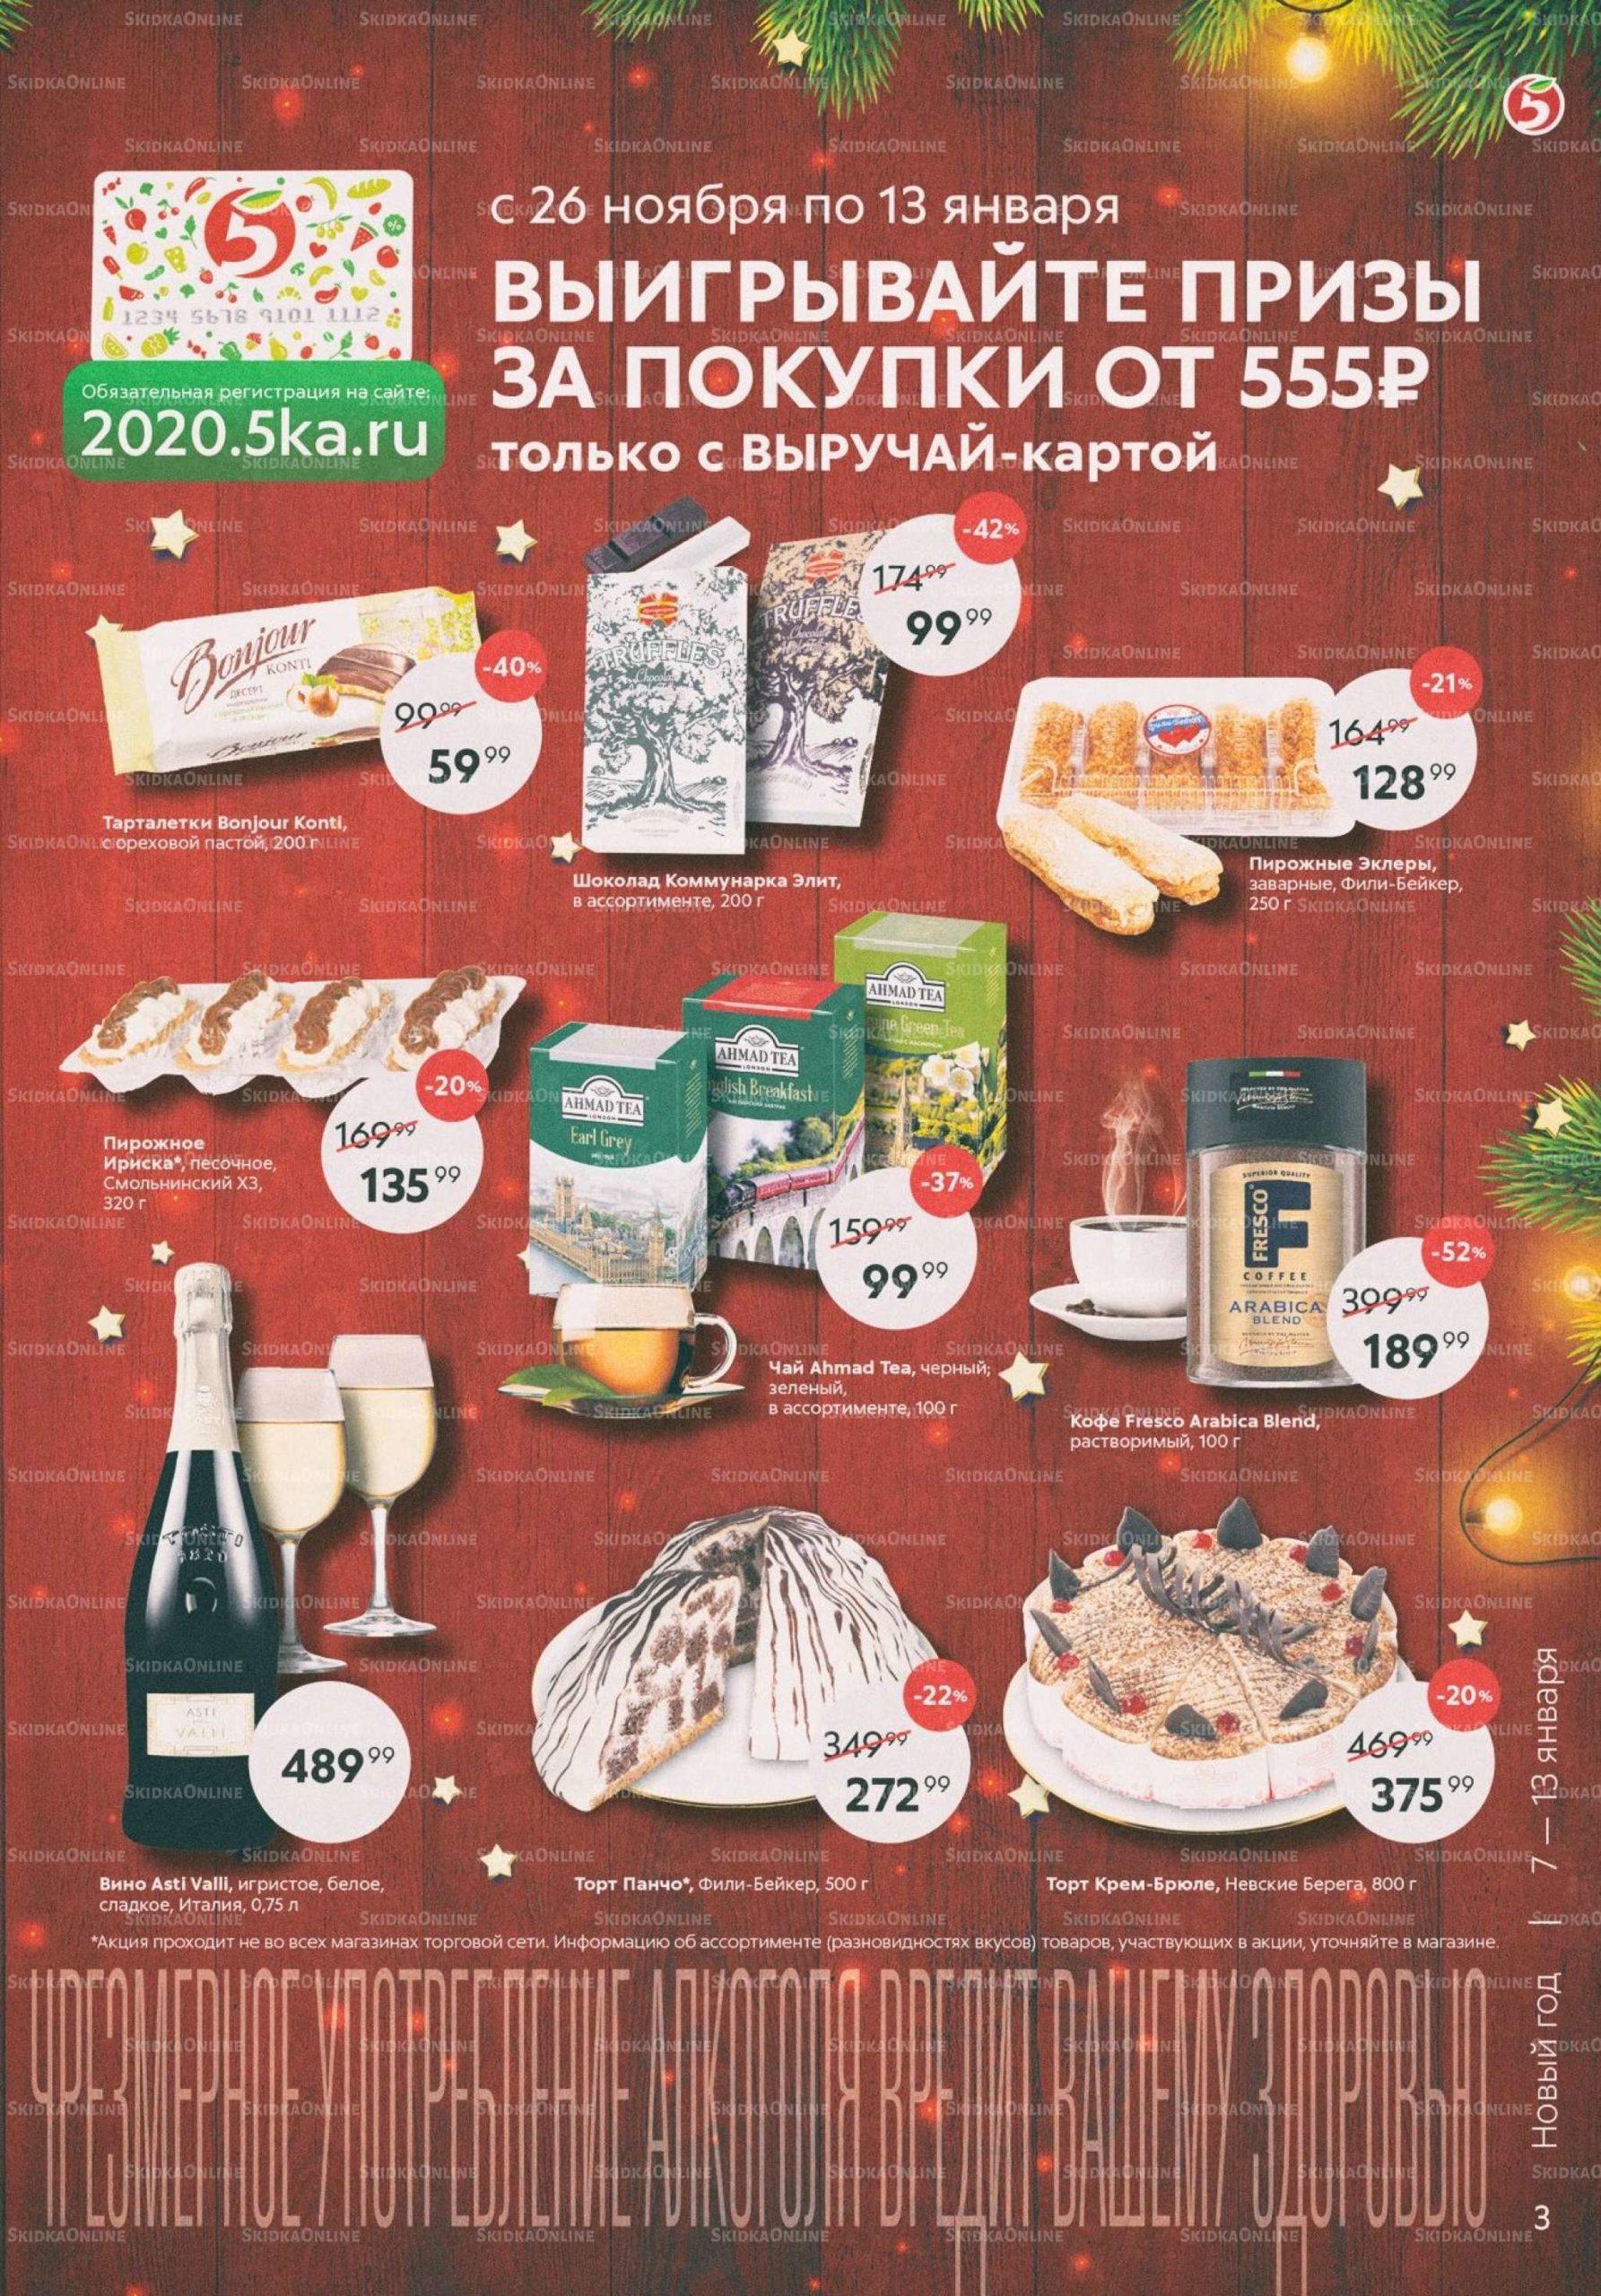 Акции в Пятёрочке с 7 по 13 января 2020 года